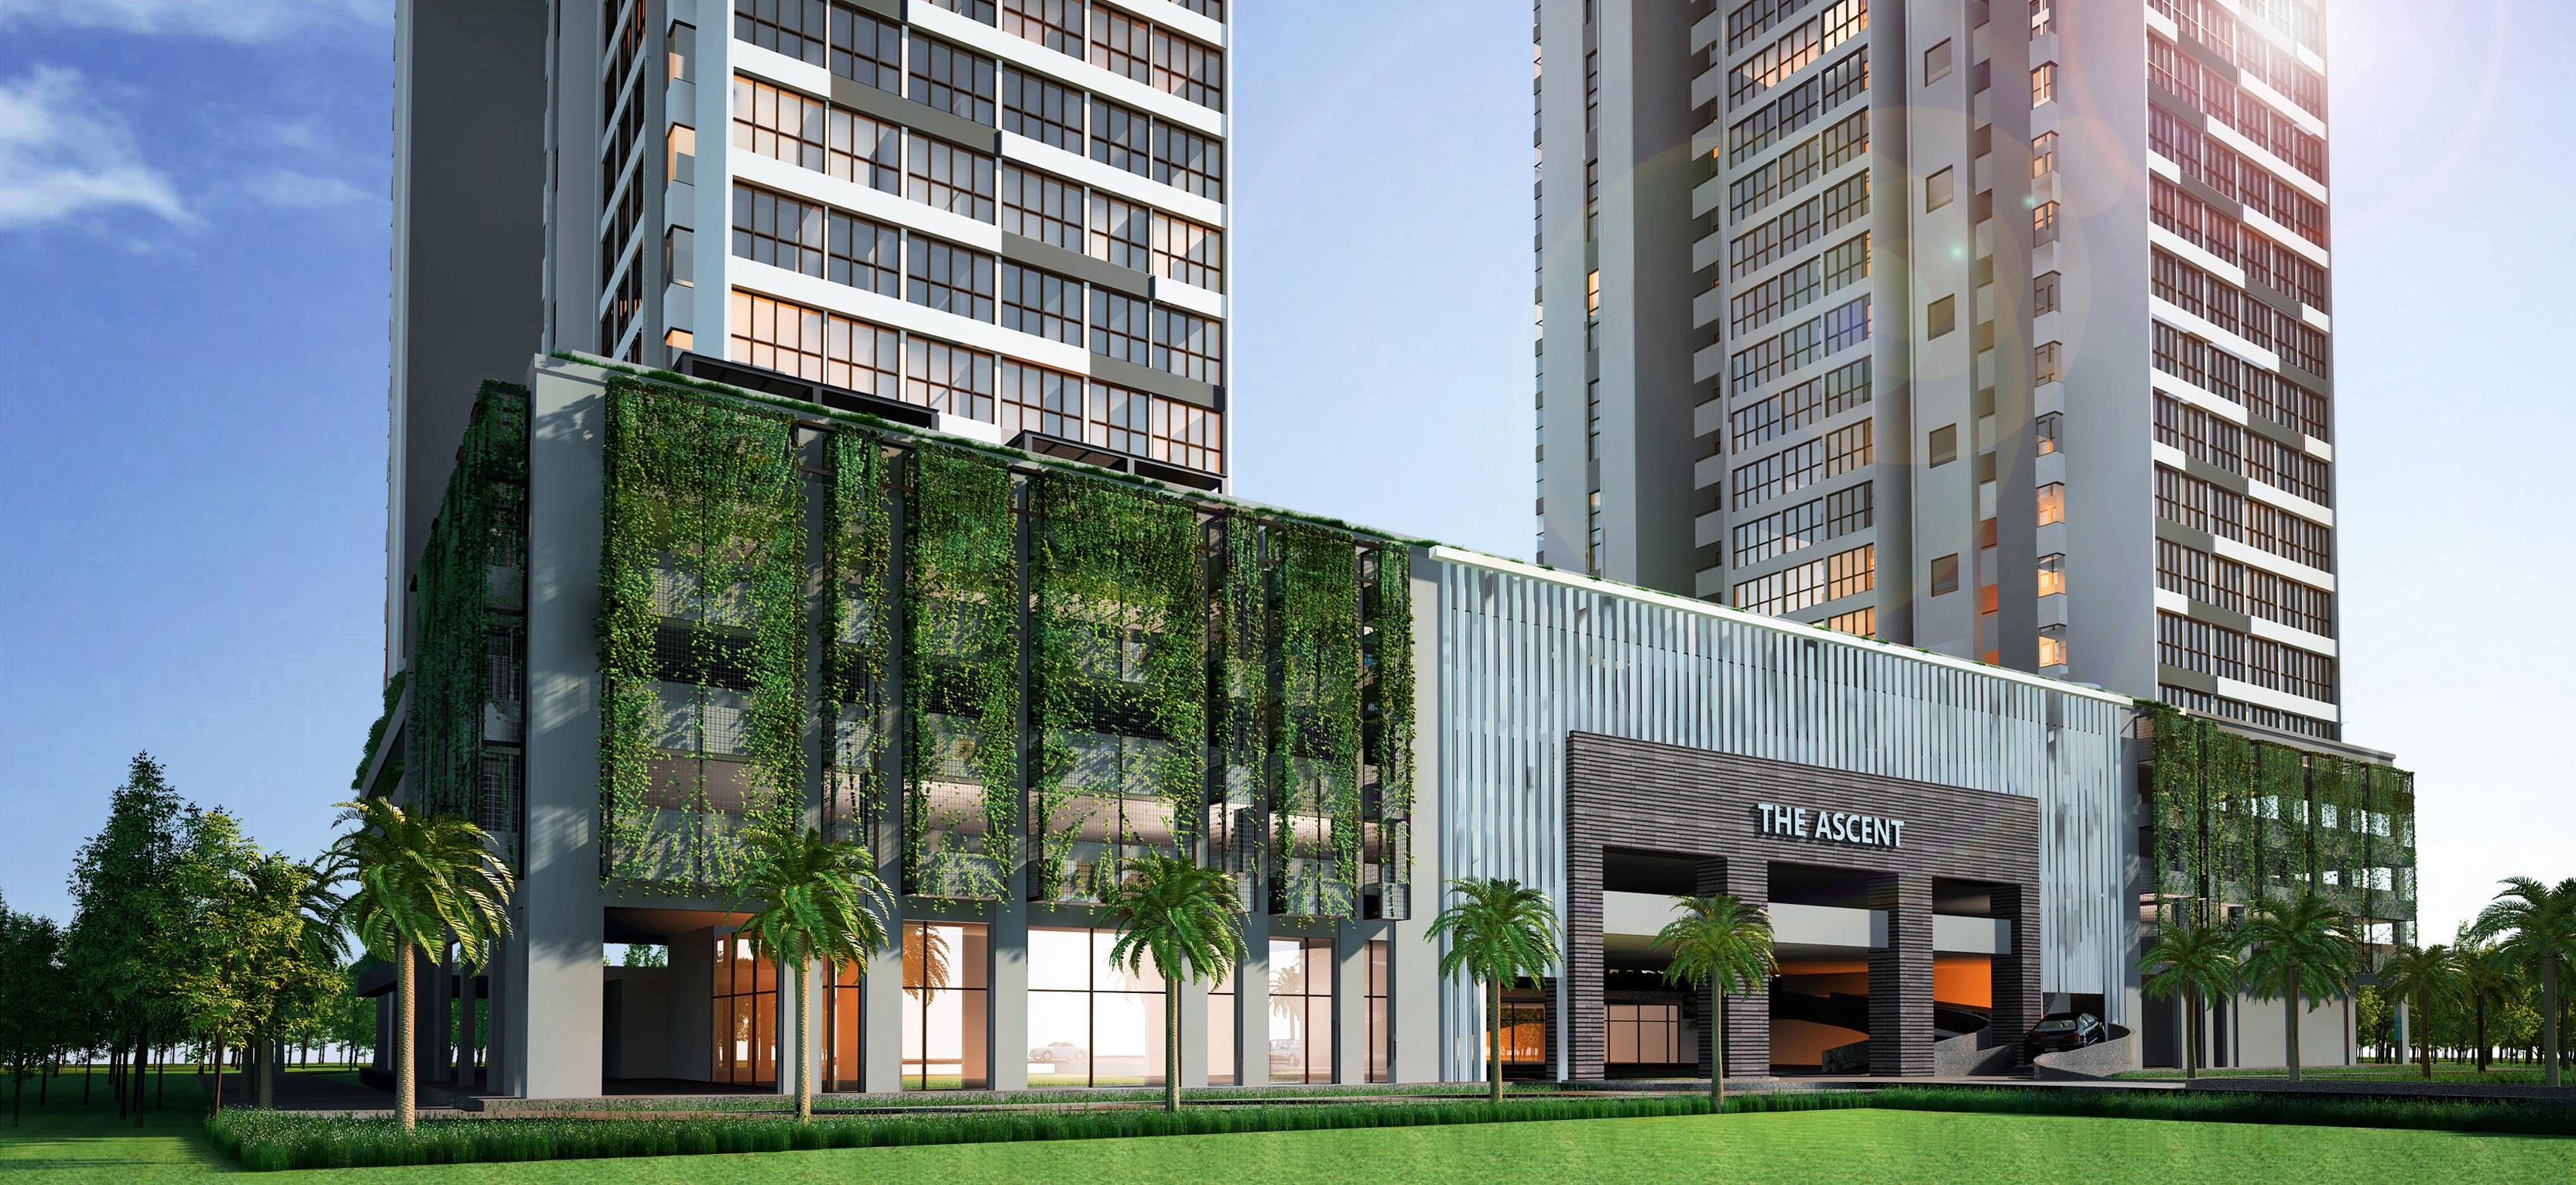 The Ascent - Thao Dien condominiums đạt chứng chỉ Edge của tổ chức tài chính quốc tế